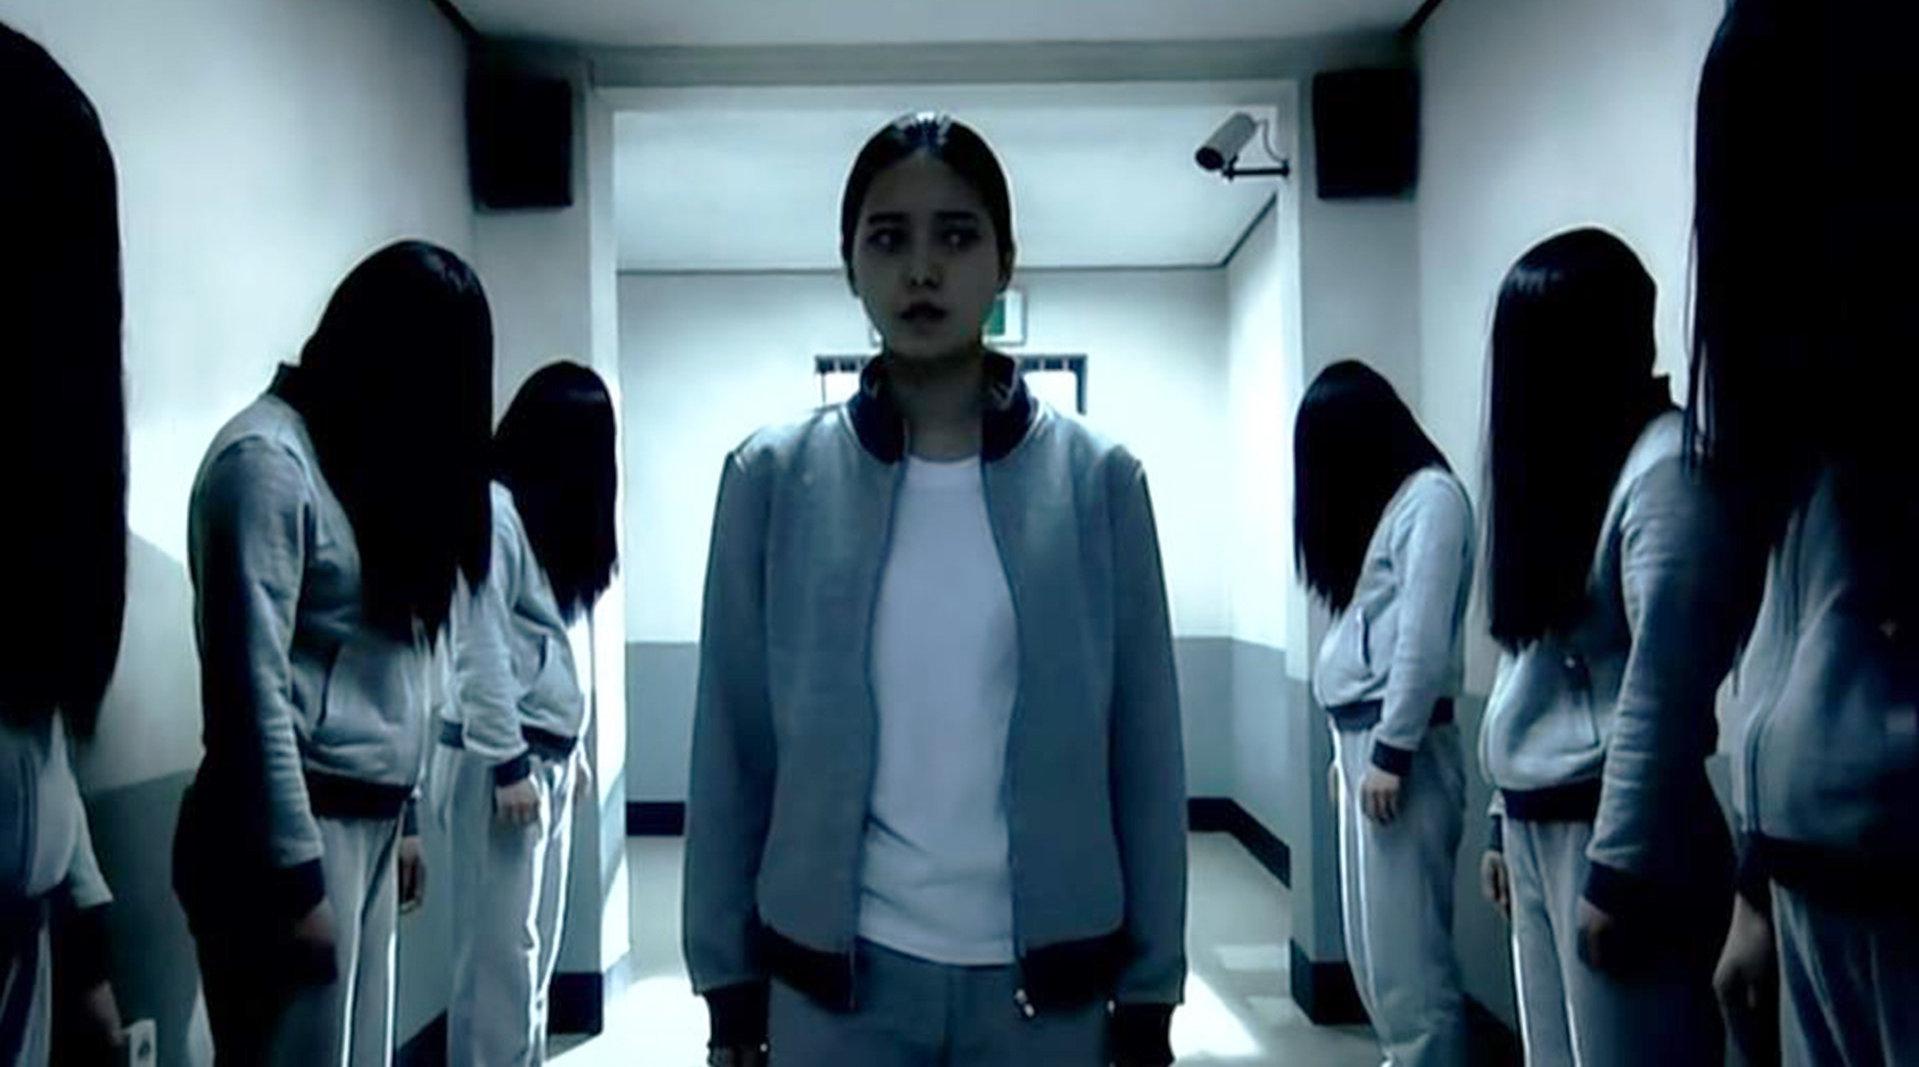 又一部讽刺高考的韩国片,高压活活逼死人,女学生精神失常灭杀同